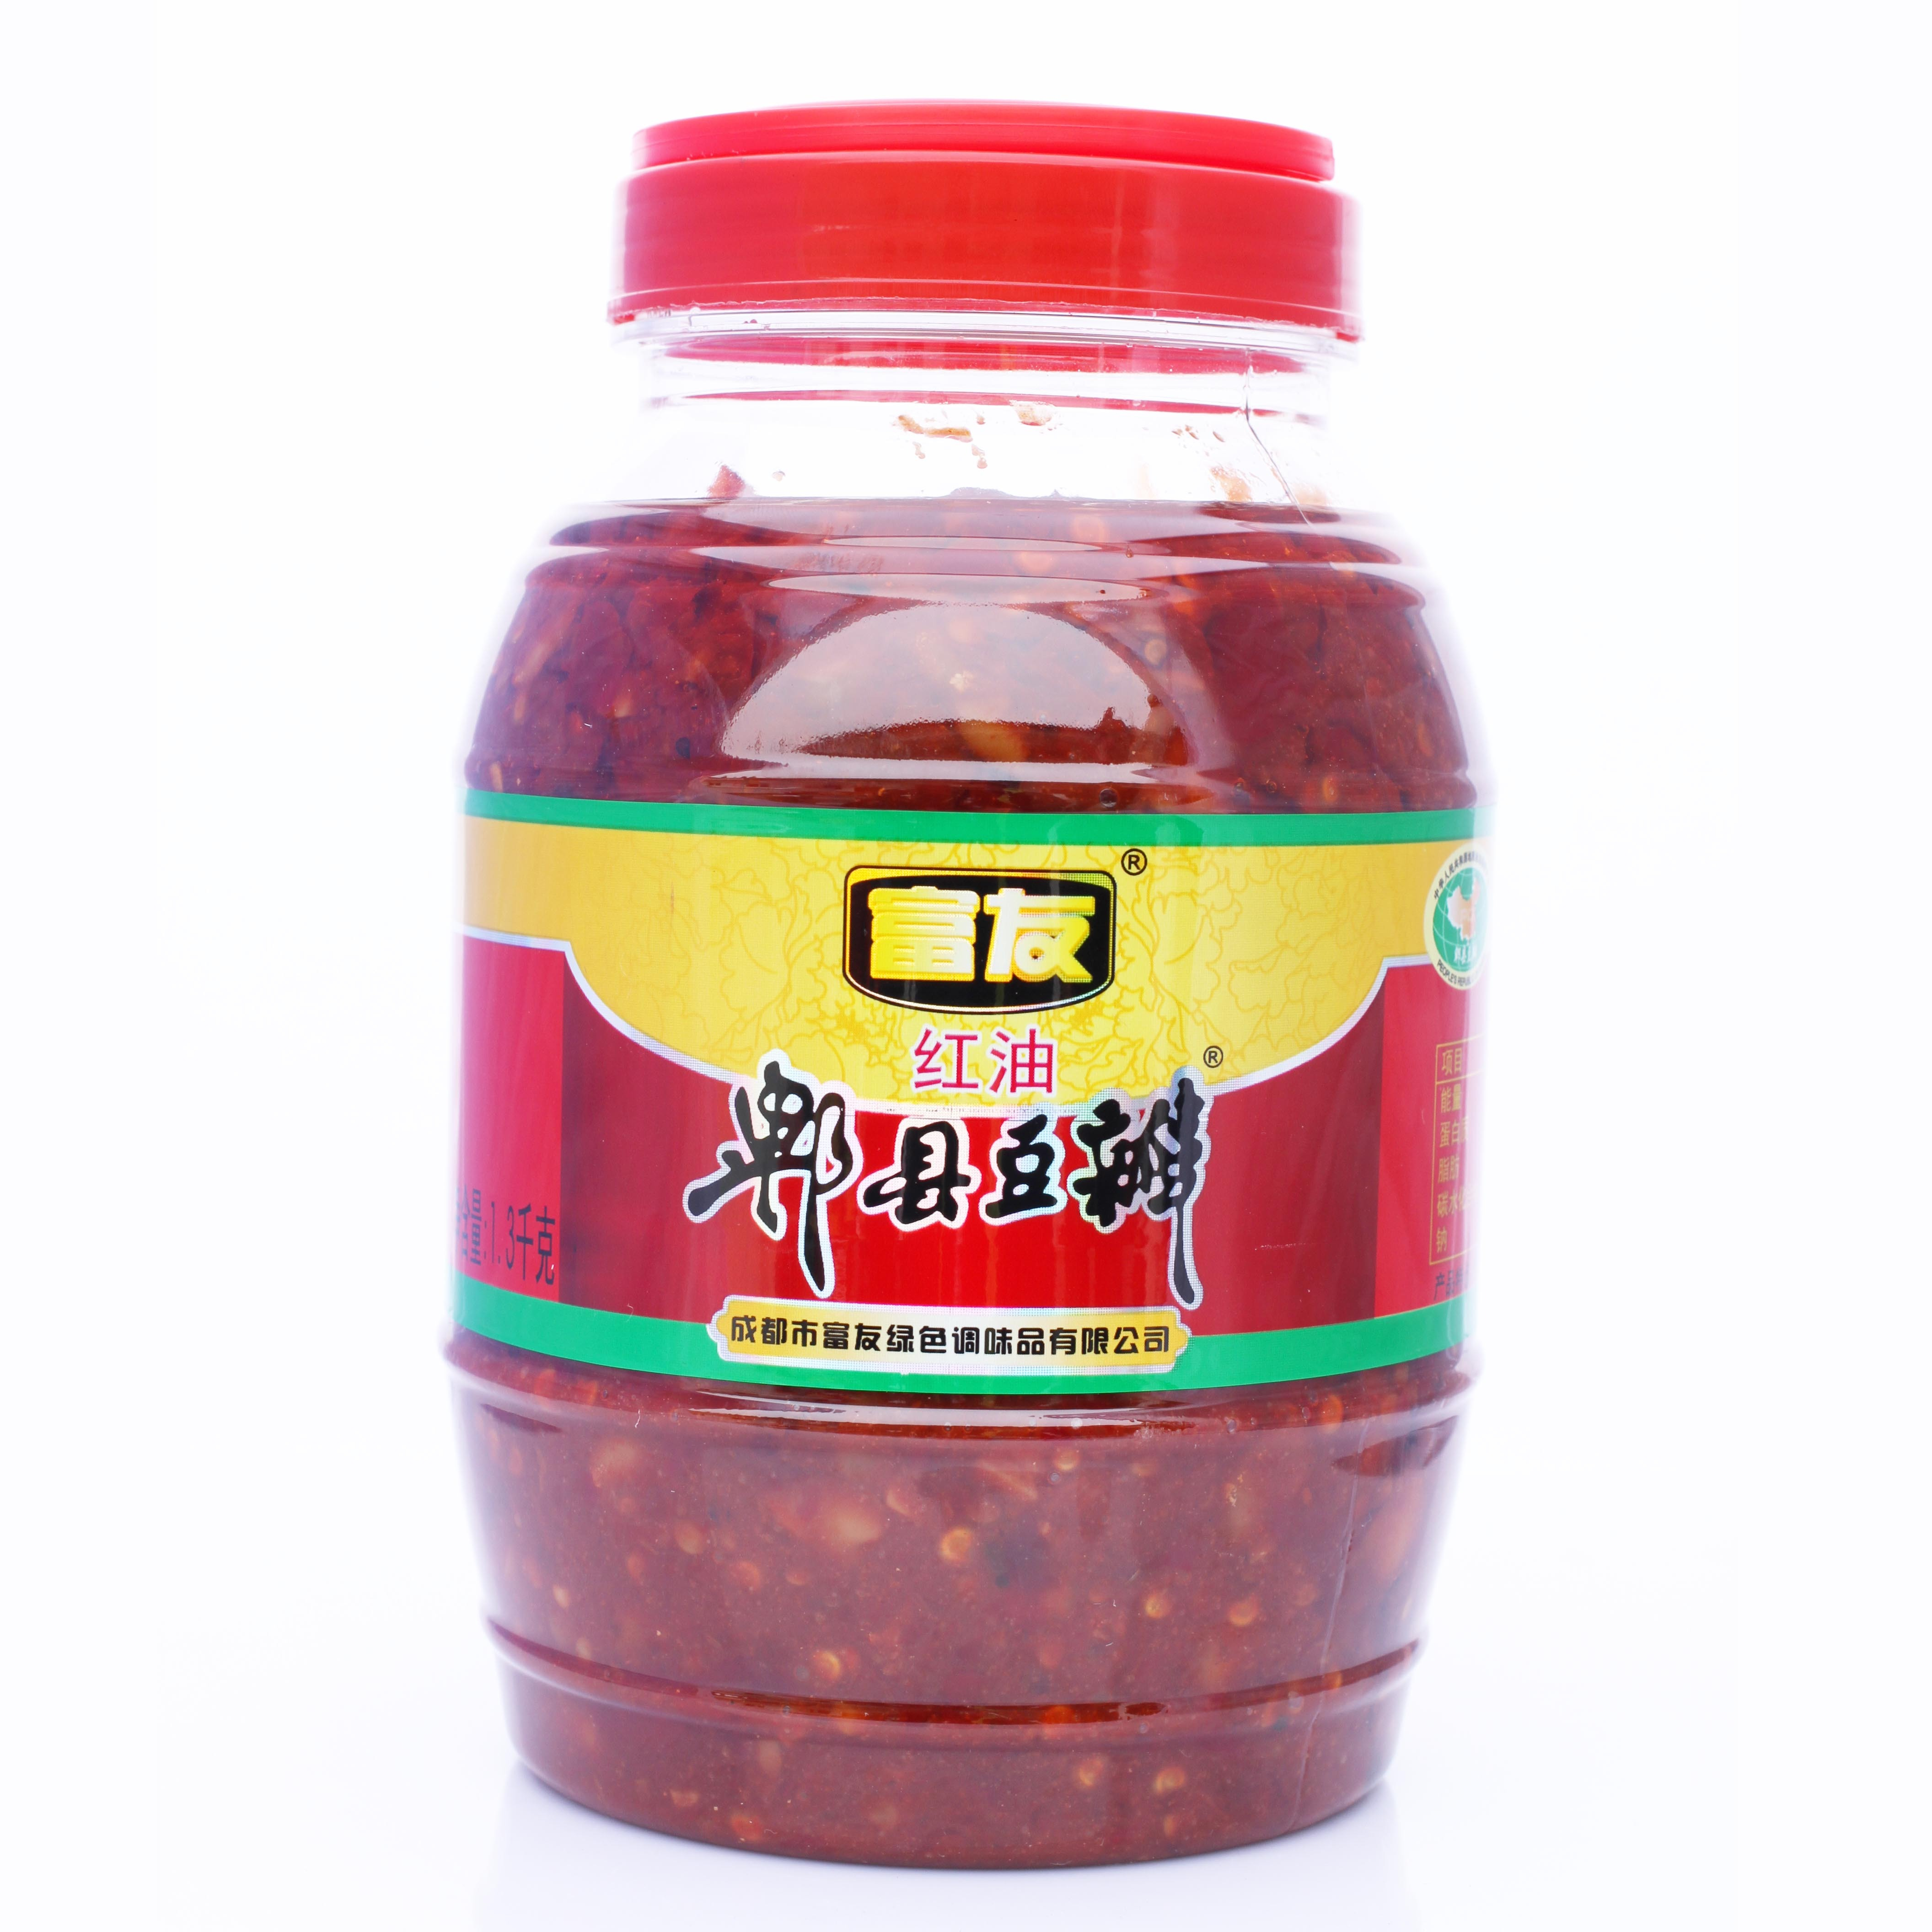 富友牌 地道郫县豆瓣酱 1300g装 红油豆瓣 四川特产 川菜调料